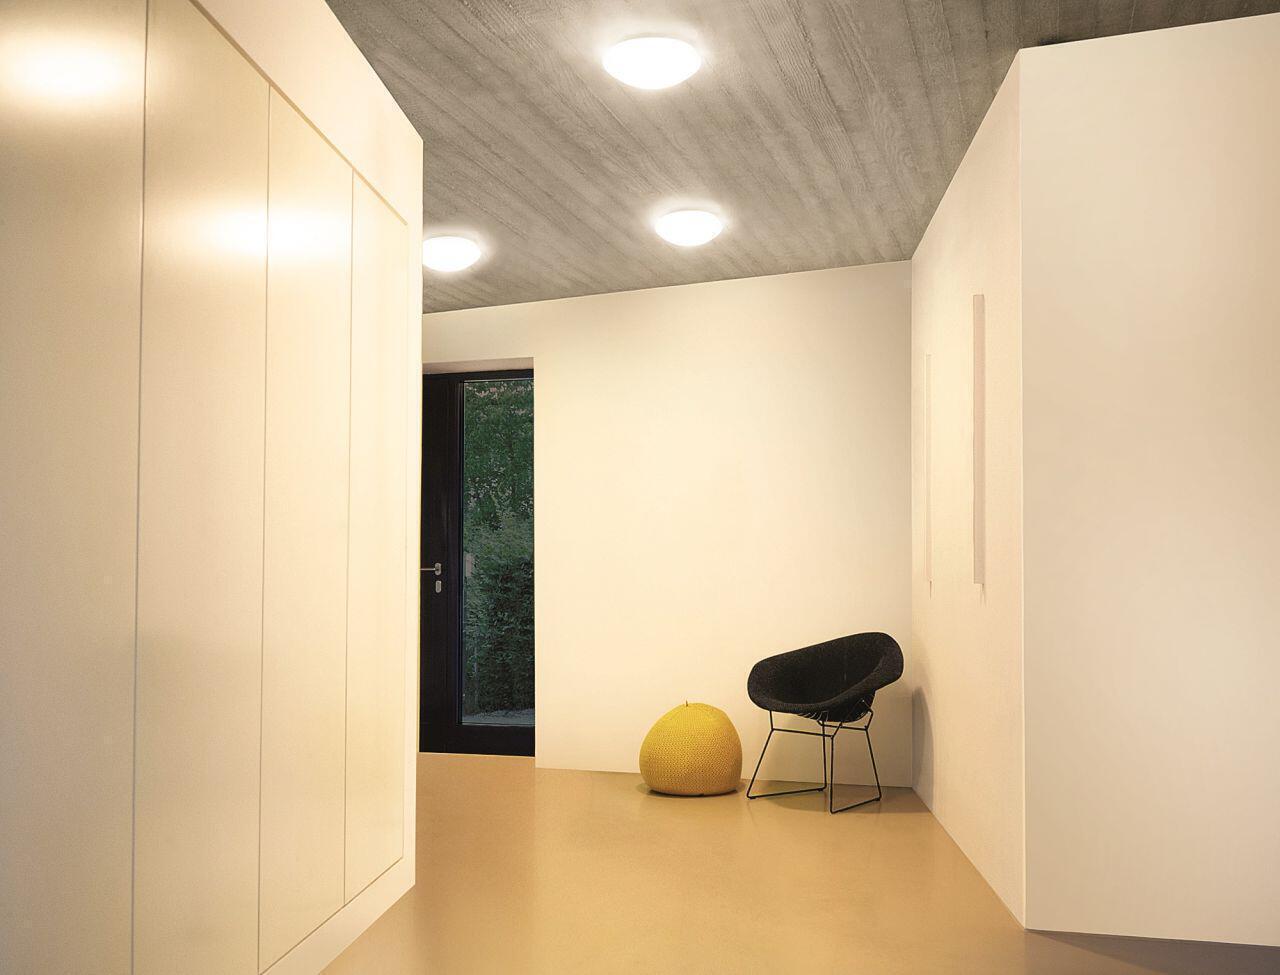 Innenleuchten in einem Flur mit Design-Möbeln